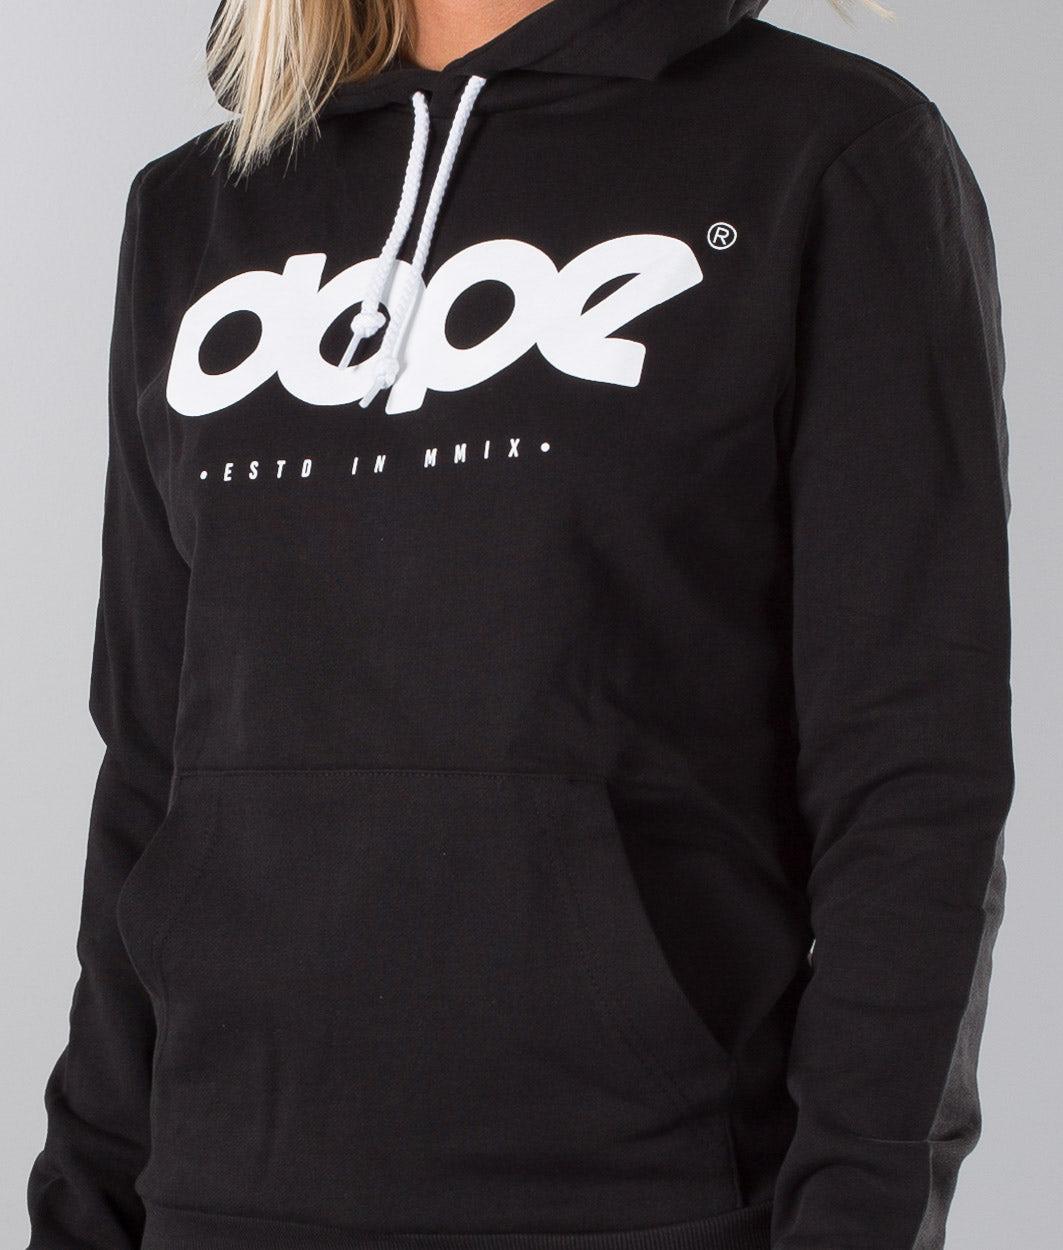 Köp OG Copain Hood från Dope på Ridestore.se Hos oss har du alltid fri frakt, fri retur och 30 dagar öppet köp!